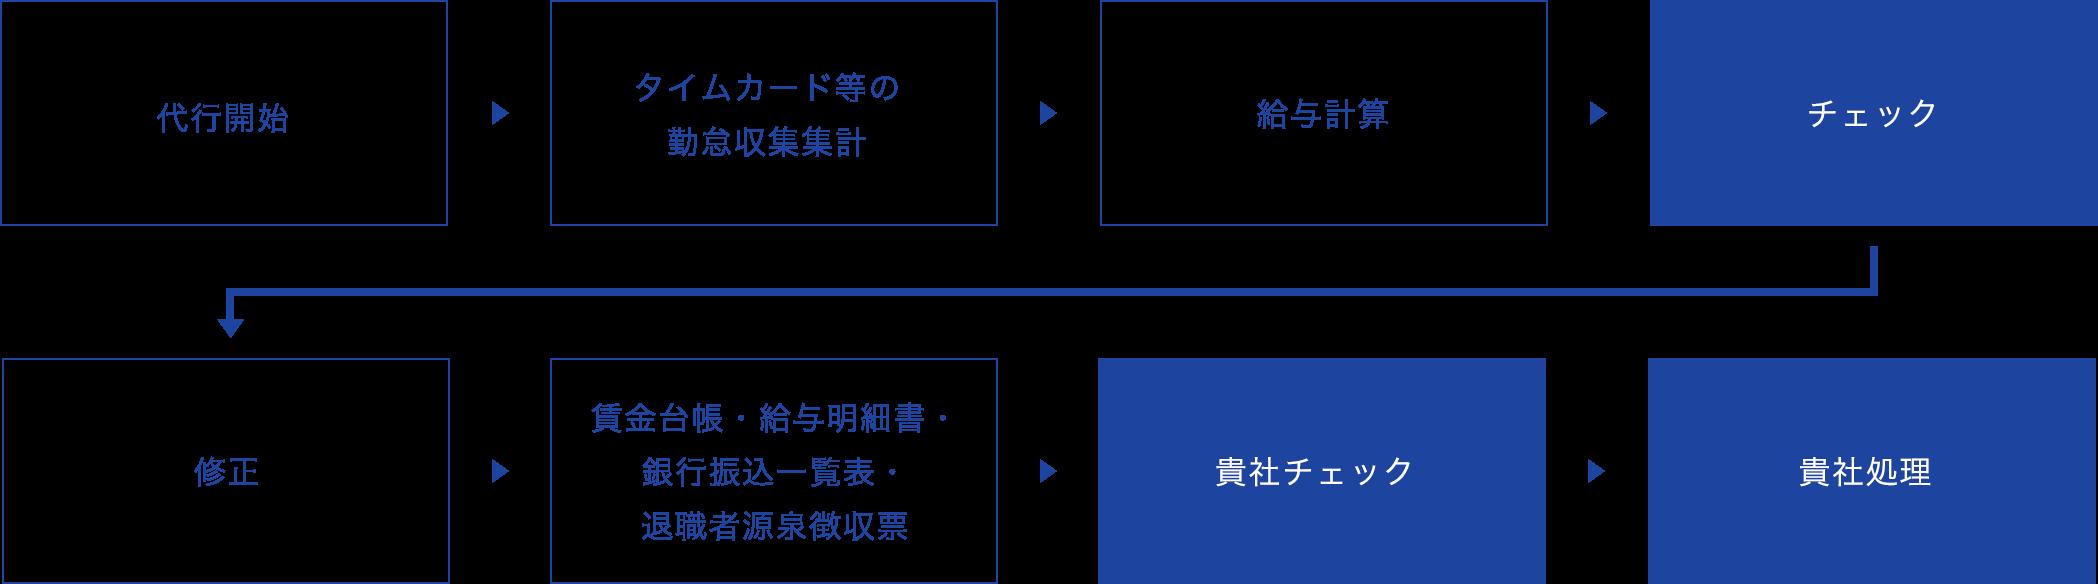 給与計算代行フローイメージ2